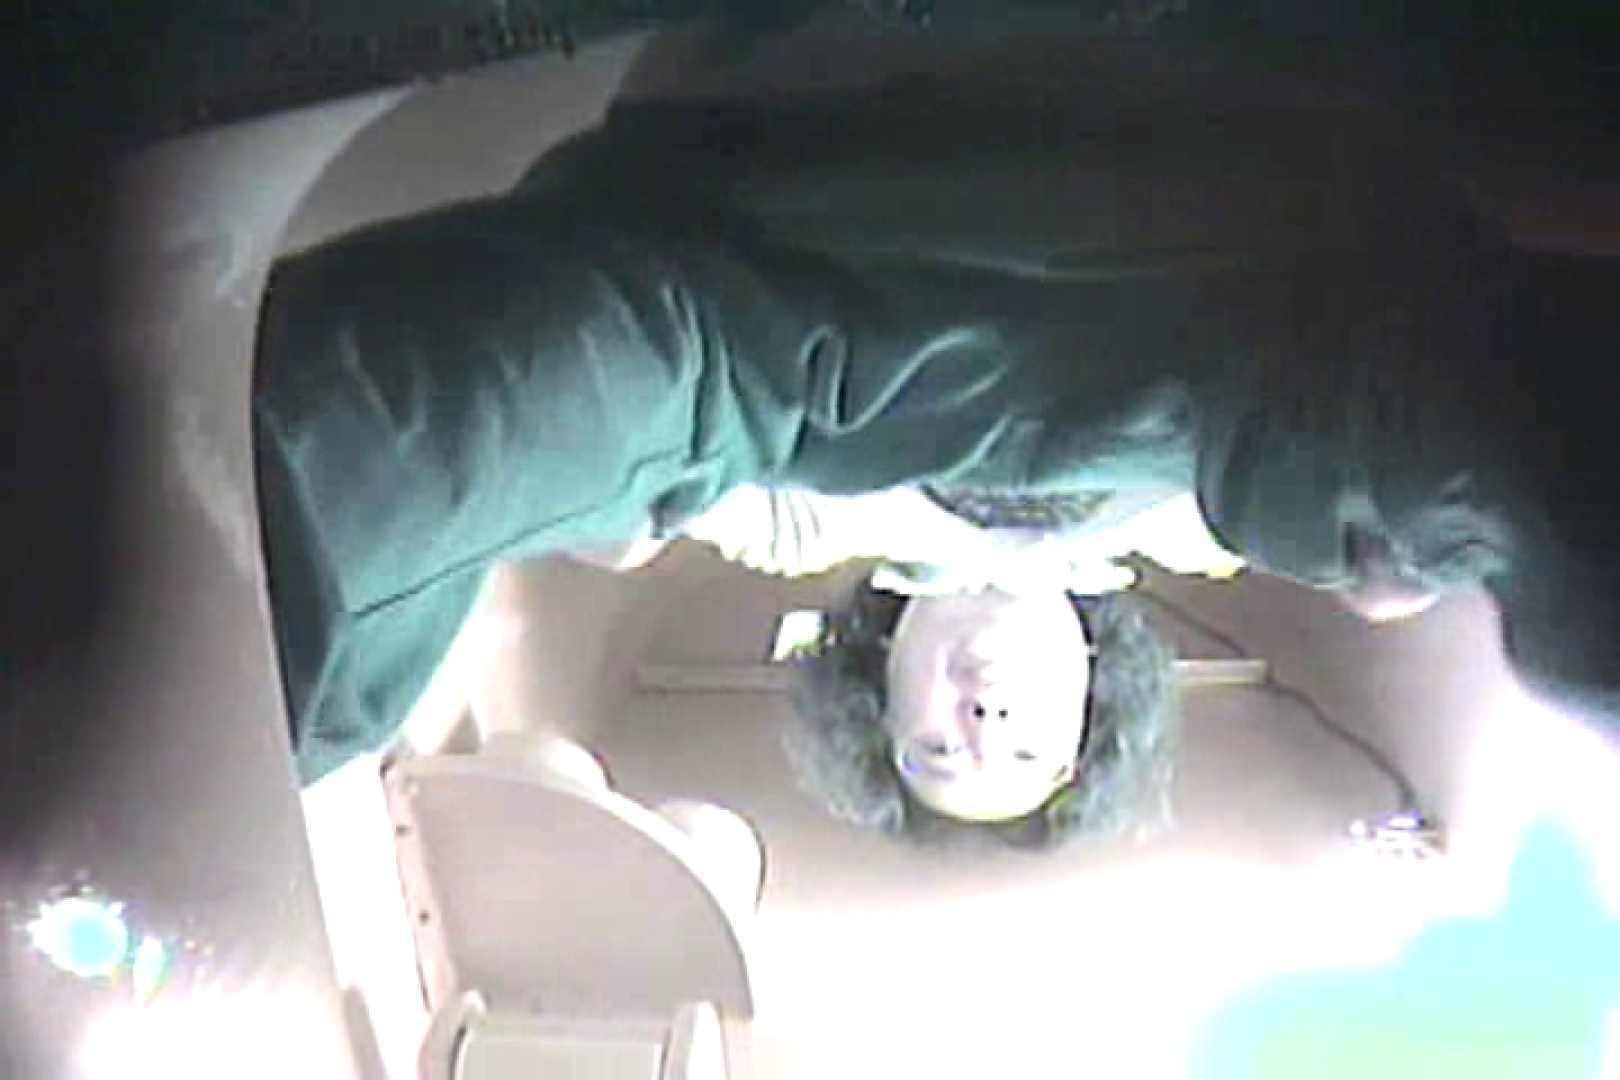 [お盆限定]和式洗面所汚物フレフレ100連発 Vol.1 接写 のぞき動画キャプチャ 46連発 24